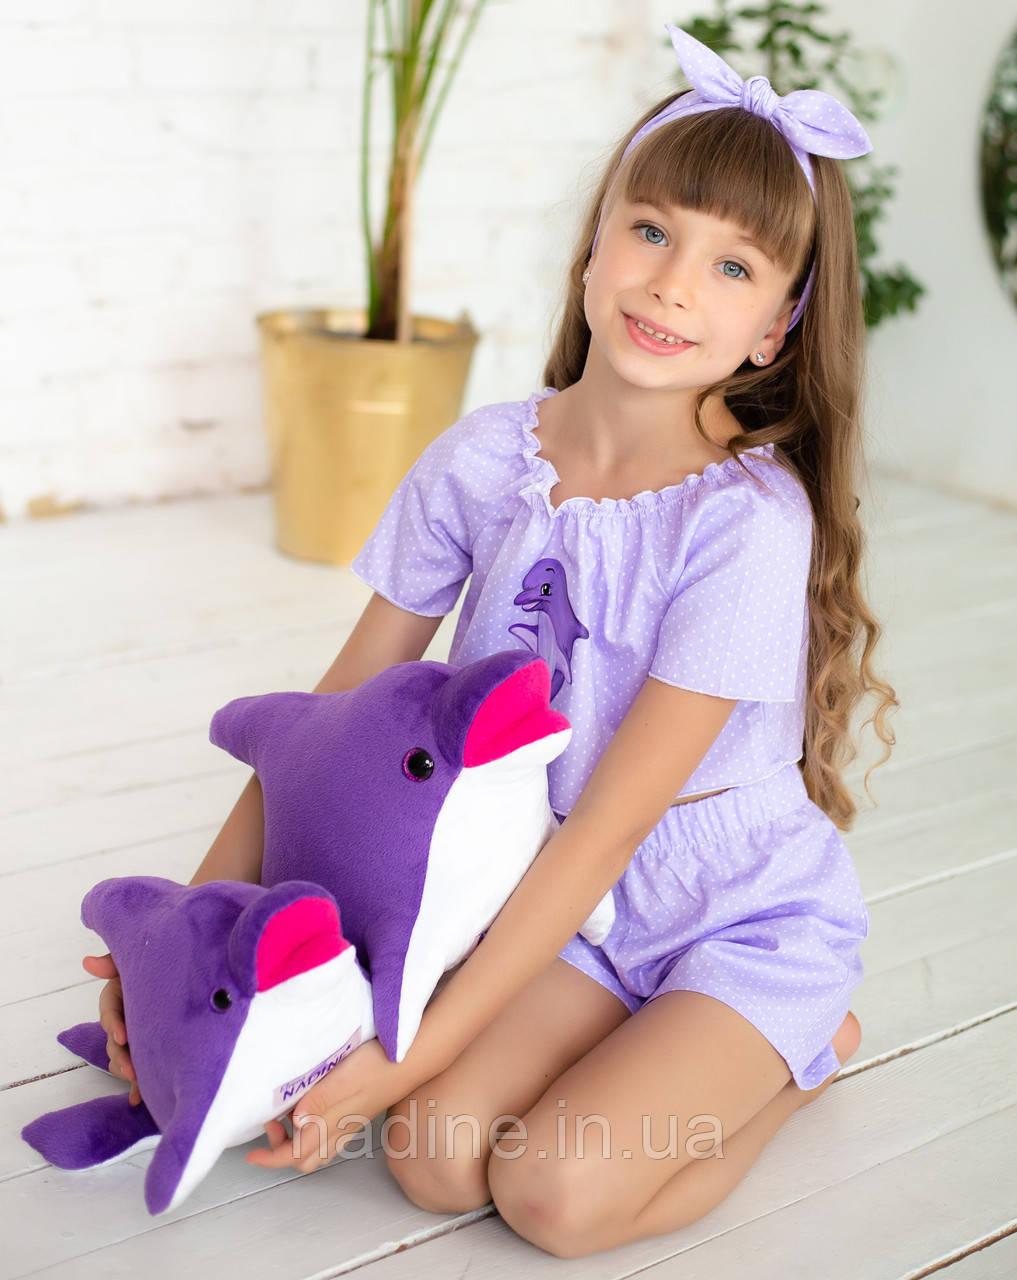 Дельфин игрушка Eirena Nadine (312-F-30) плюшевый 30 см фиолетовый